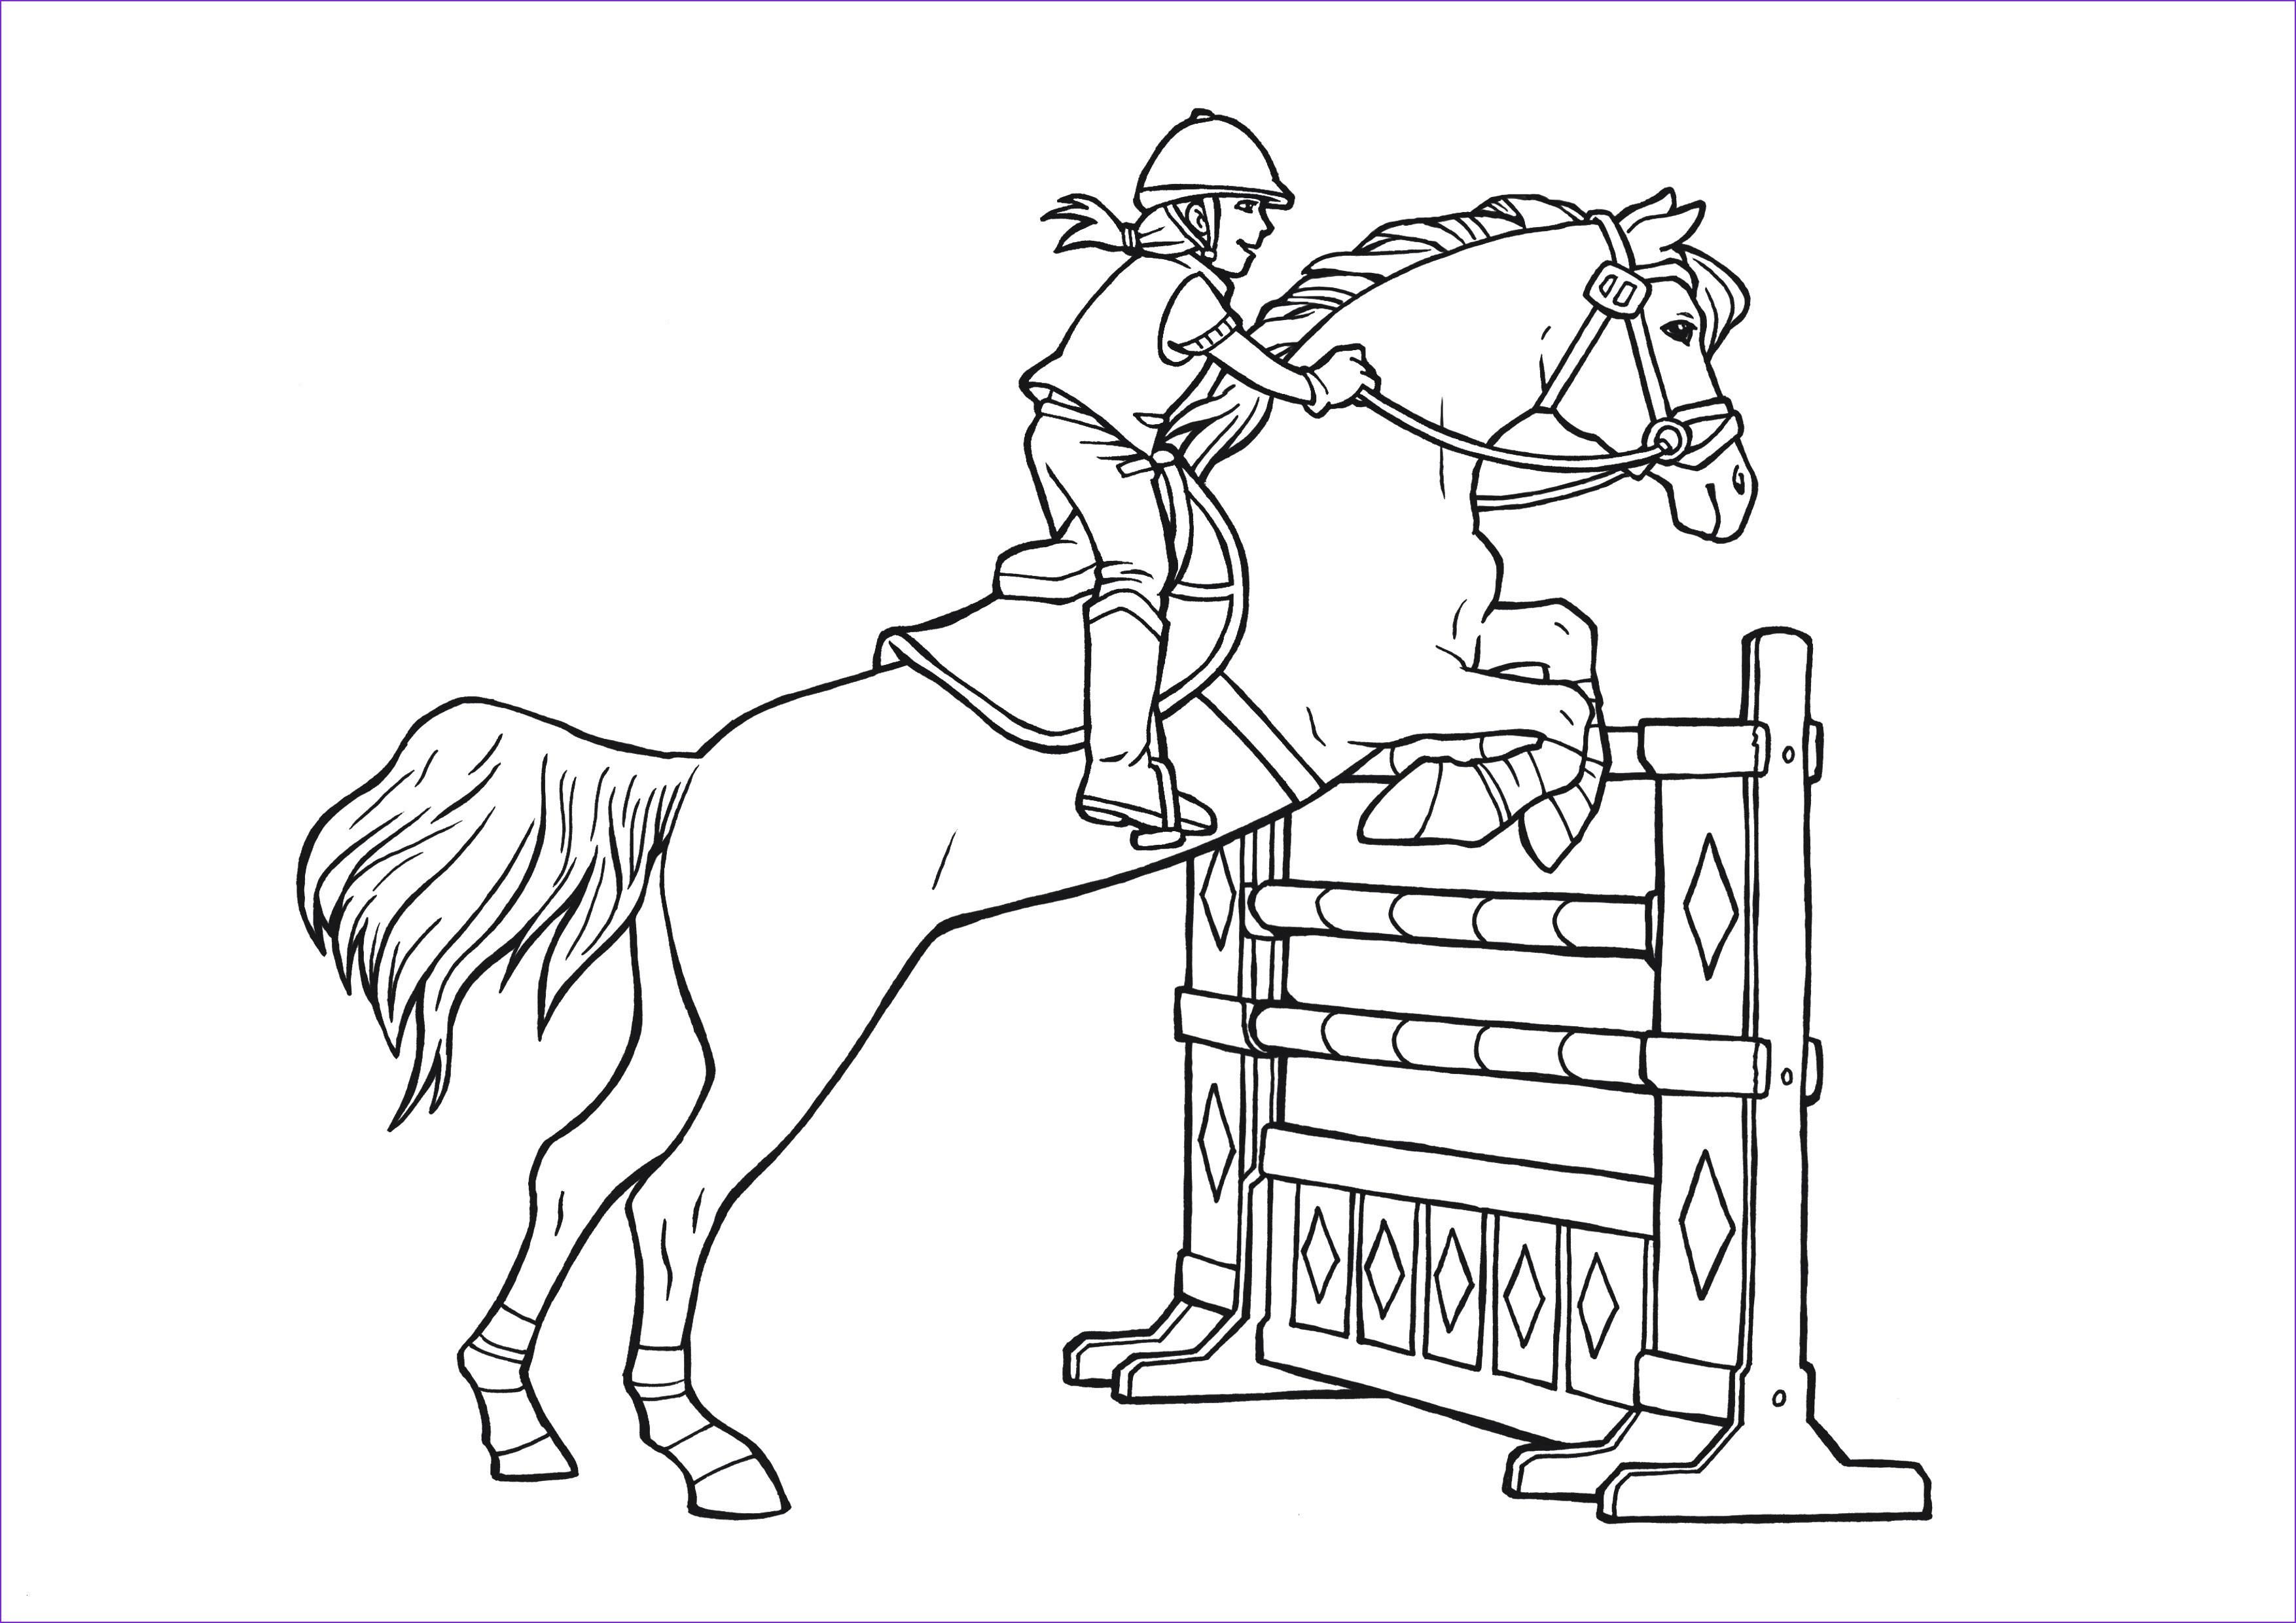 Pferde Ausmalbilder Zum Drucken Inspirierend Pferdebilder Zum Ausdrucken Brilliant 38 Ausmalbilder Pferde Mit Bild